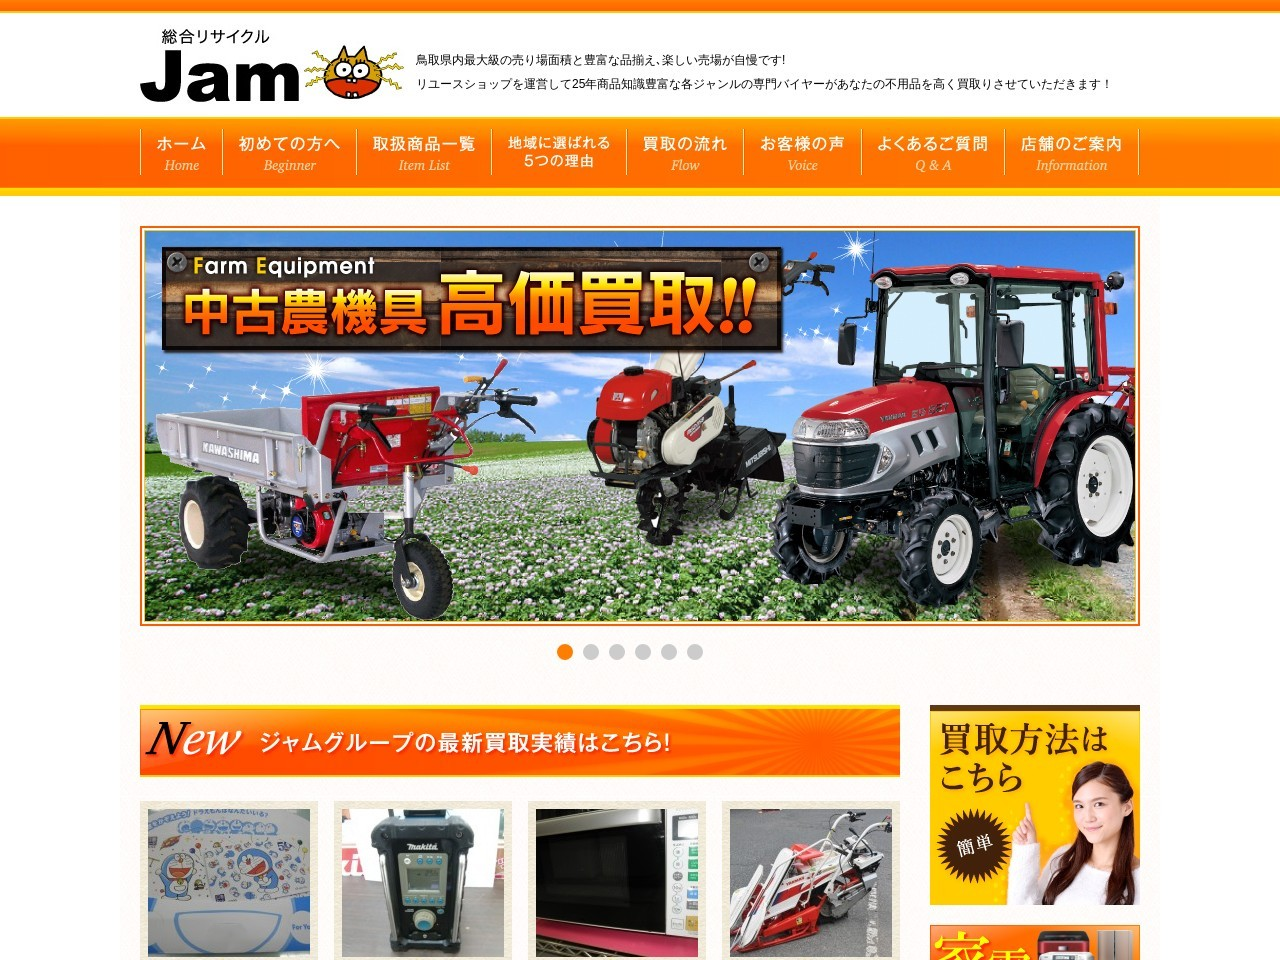 鳥取/島根リサイクルショップジャム【V-PARK JAM】